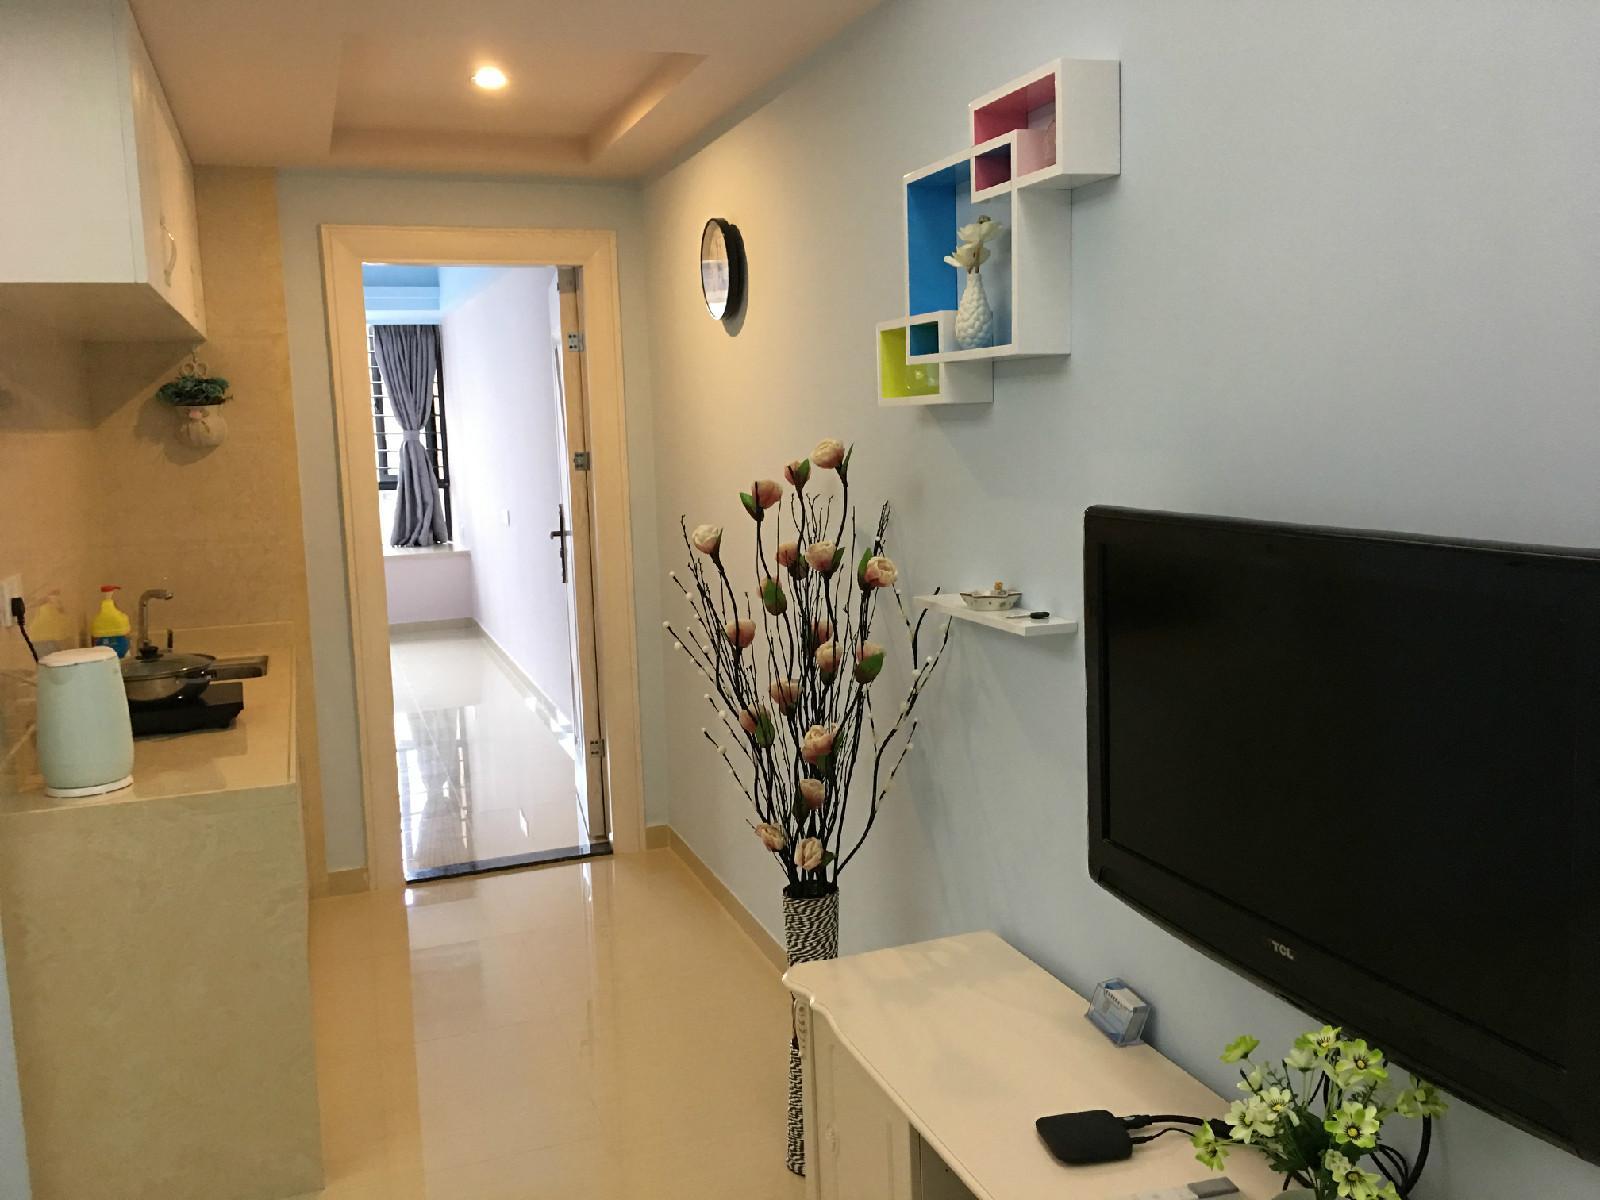 汕头短租公寓 碧海蓝天海悦公寓  房东房源 房客评价(0条) 青澳湾 北